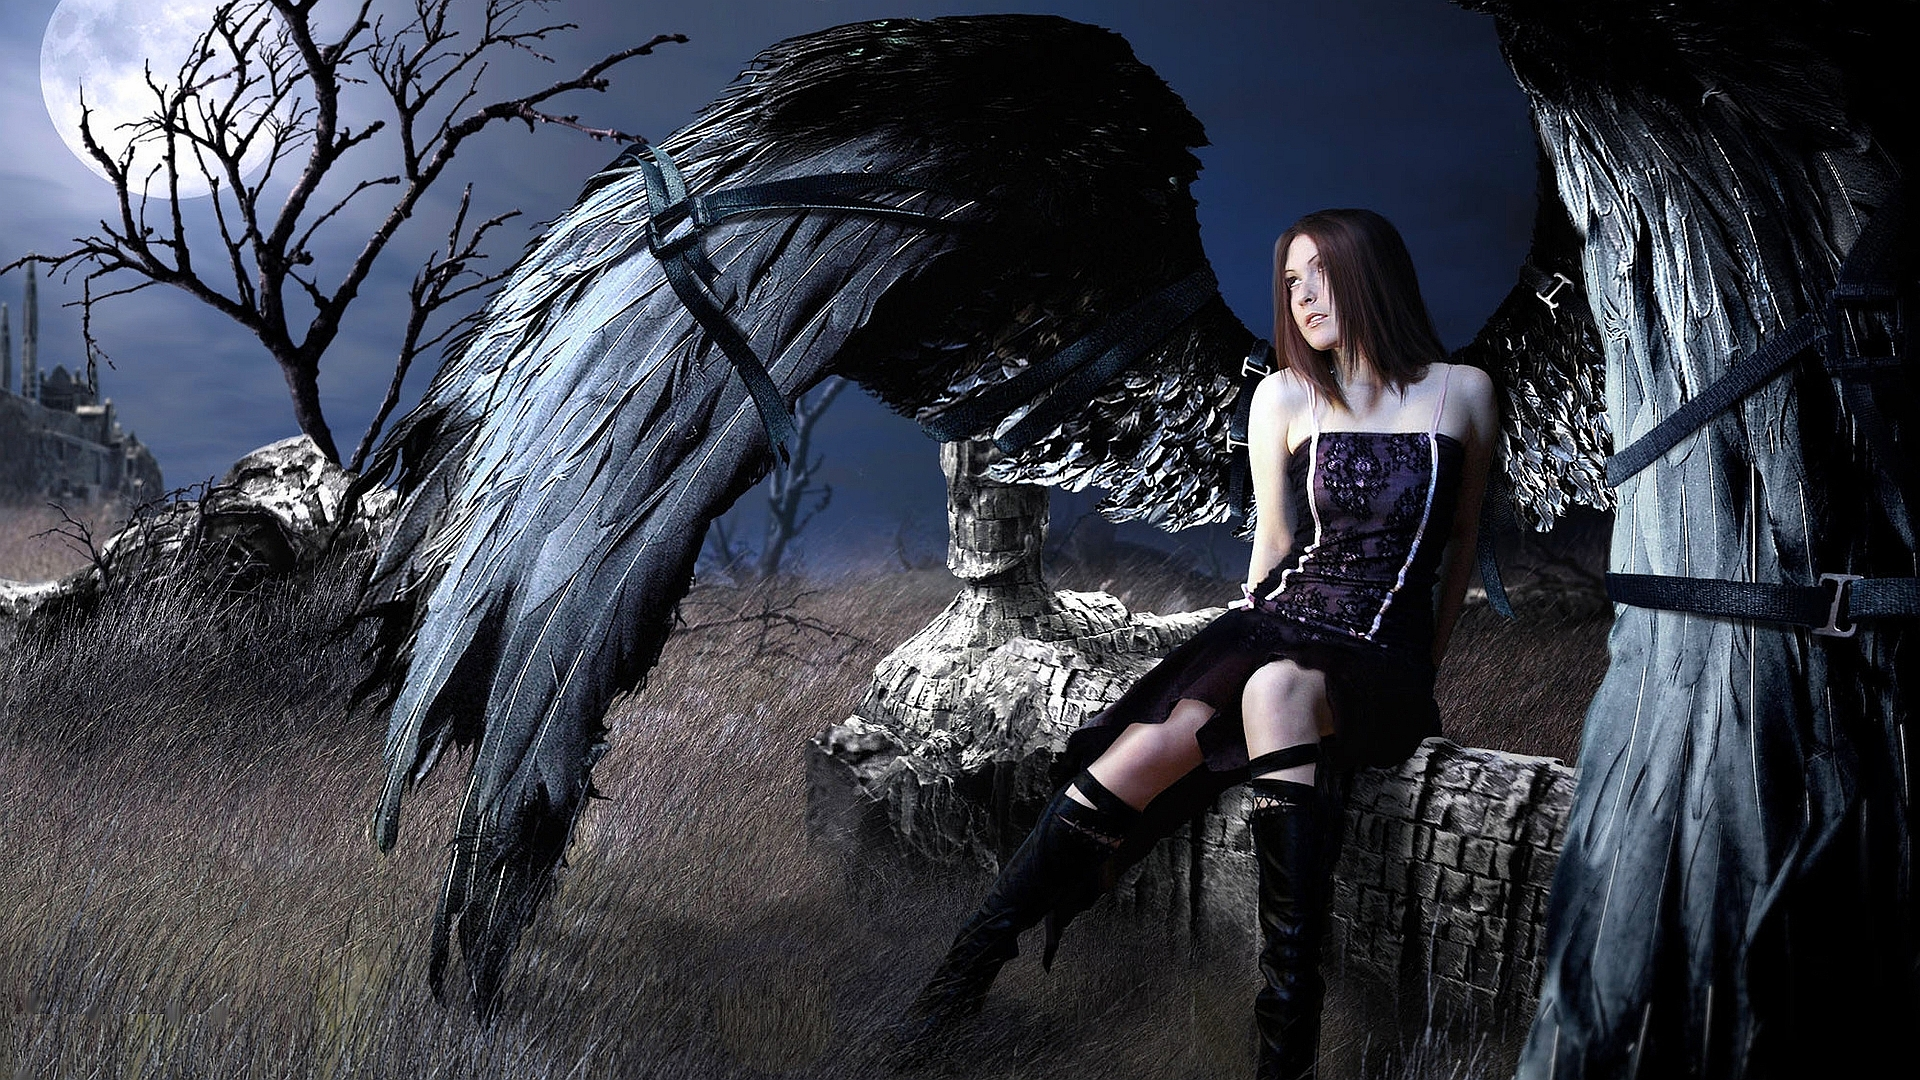 Pics Photos   Fantasy Fallen Angel Wallpaper Hd 1920x1080